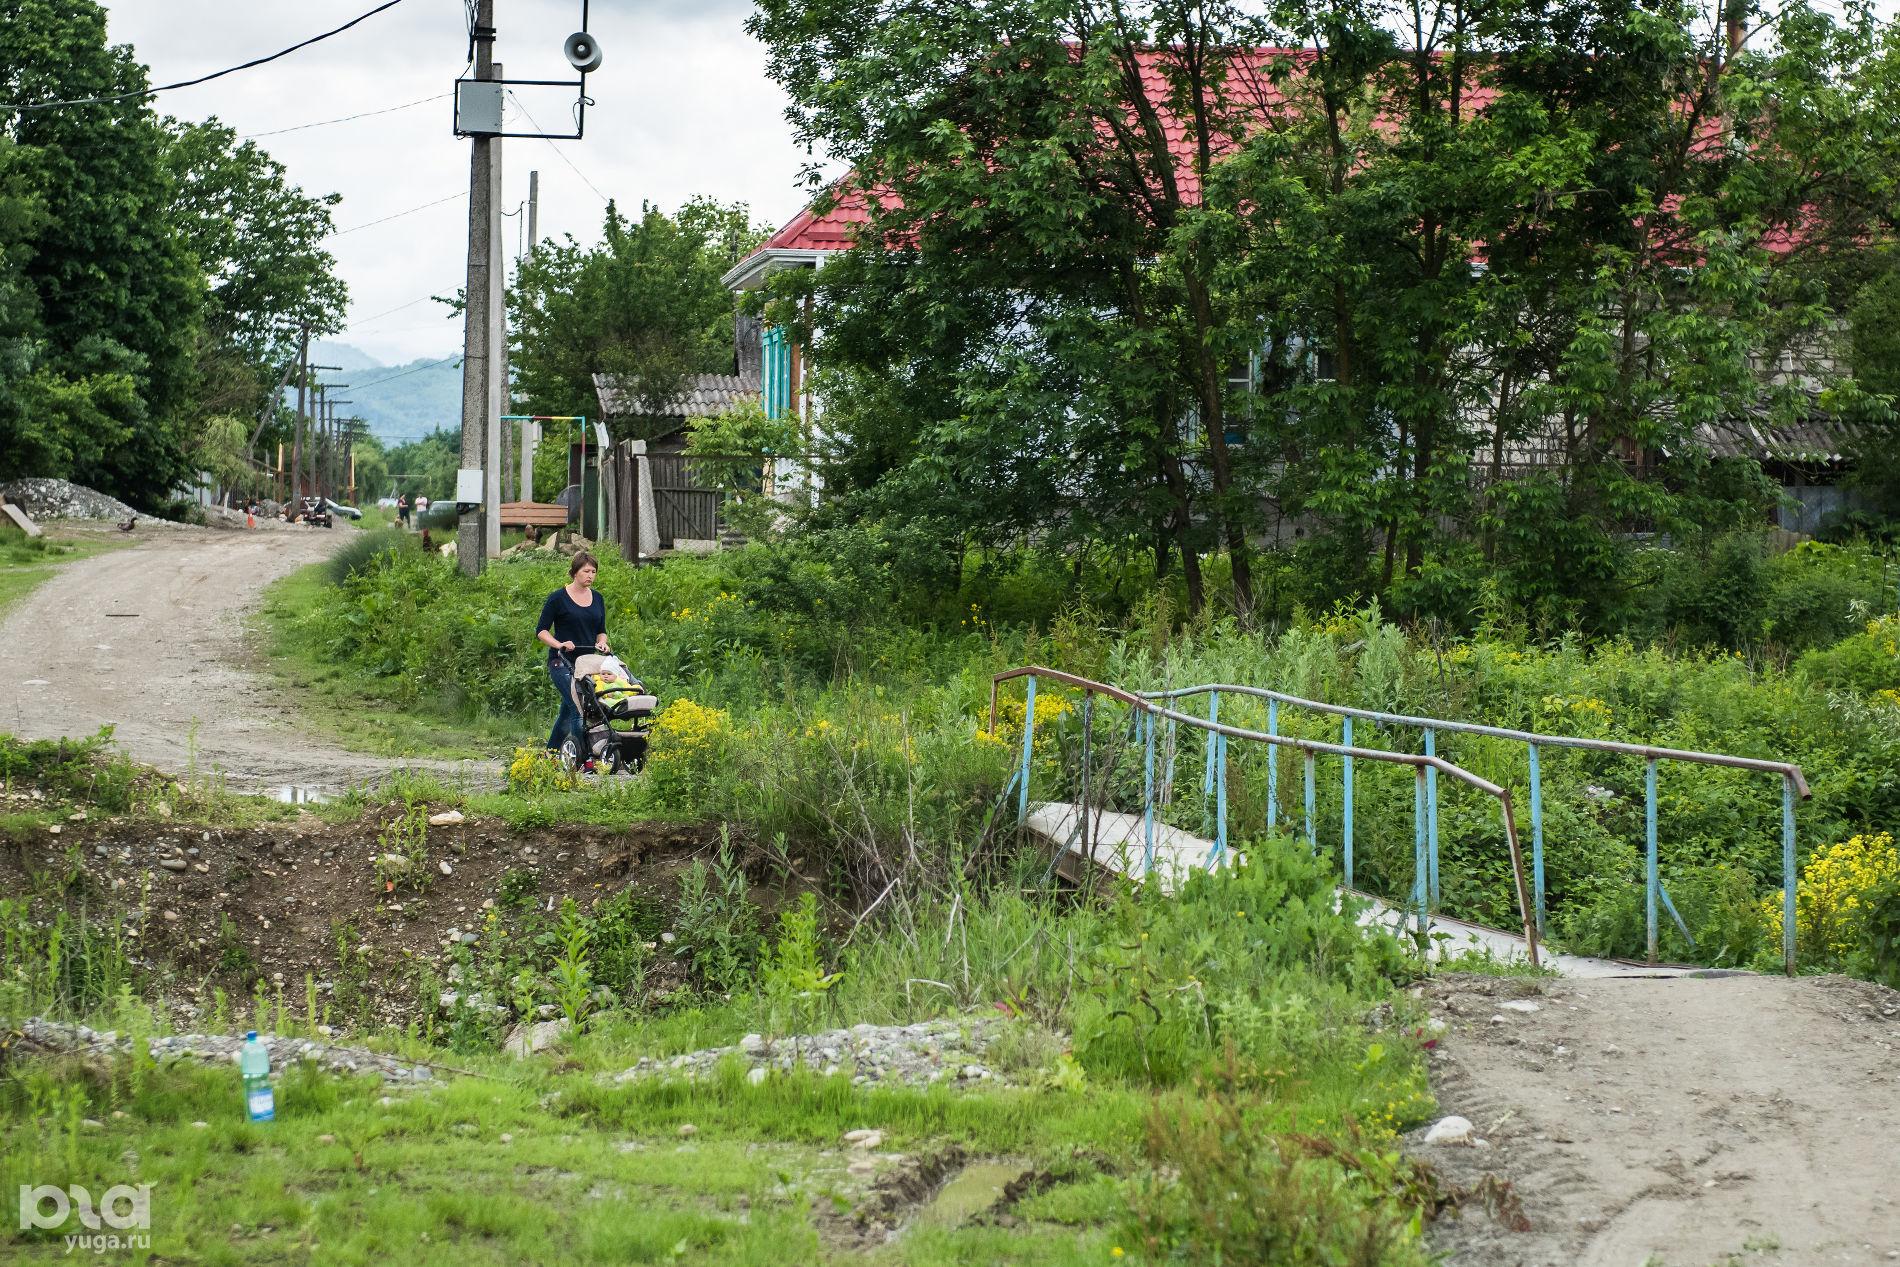 Переход через канал, неподалеку от которого была убита Наталья Дмитриева ©Фото Елены Синеок, Юга.ру